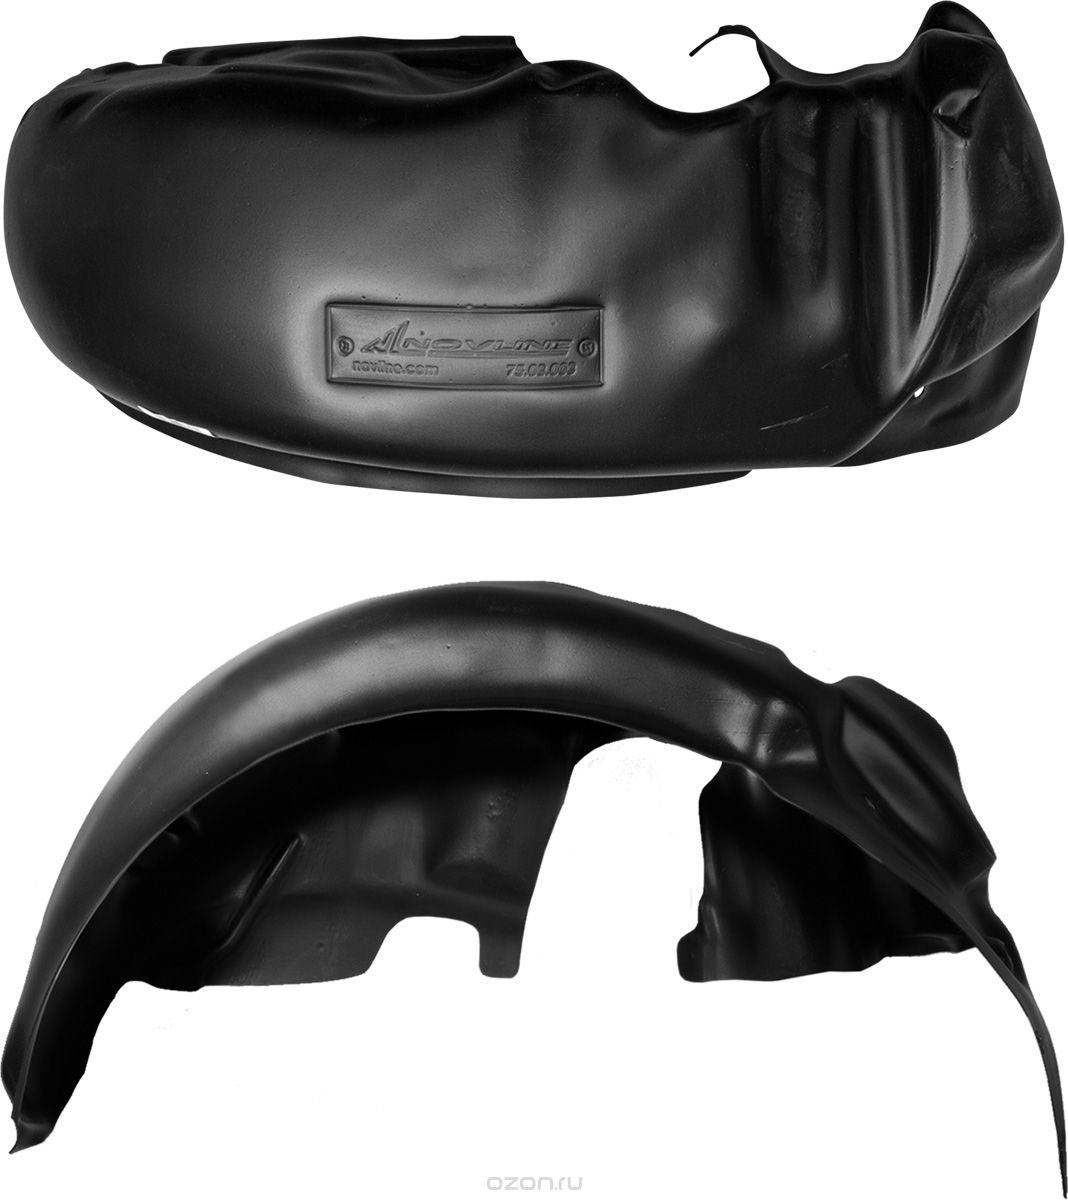 Подкрылок Novline-Autofamily, для DATSUN on-DO, 07/2014->, передний левыйTOTEM.94.01.001Идеальная защита колесной ниши. Локеры разработаны с применением цифровых технологий, гарантируют максимальную повторяемость поверхности арки. Изделия устанавливаются без нарушения лакокрасочного покрытия автомобиля, каждый подкрылок комплектуется крепежом. Уважаемые клиенты, обращаем ваше внимание, что фотографии на подкрылки универсальные и не отражают реальную форму изделия. При этом само изделие идет точно под размер указанного автомобиля.